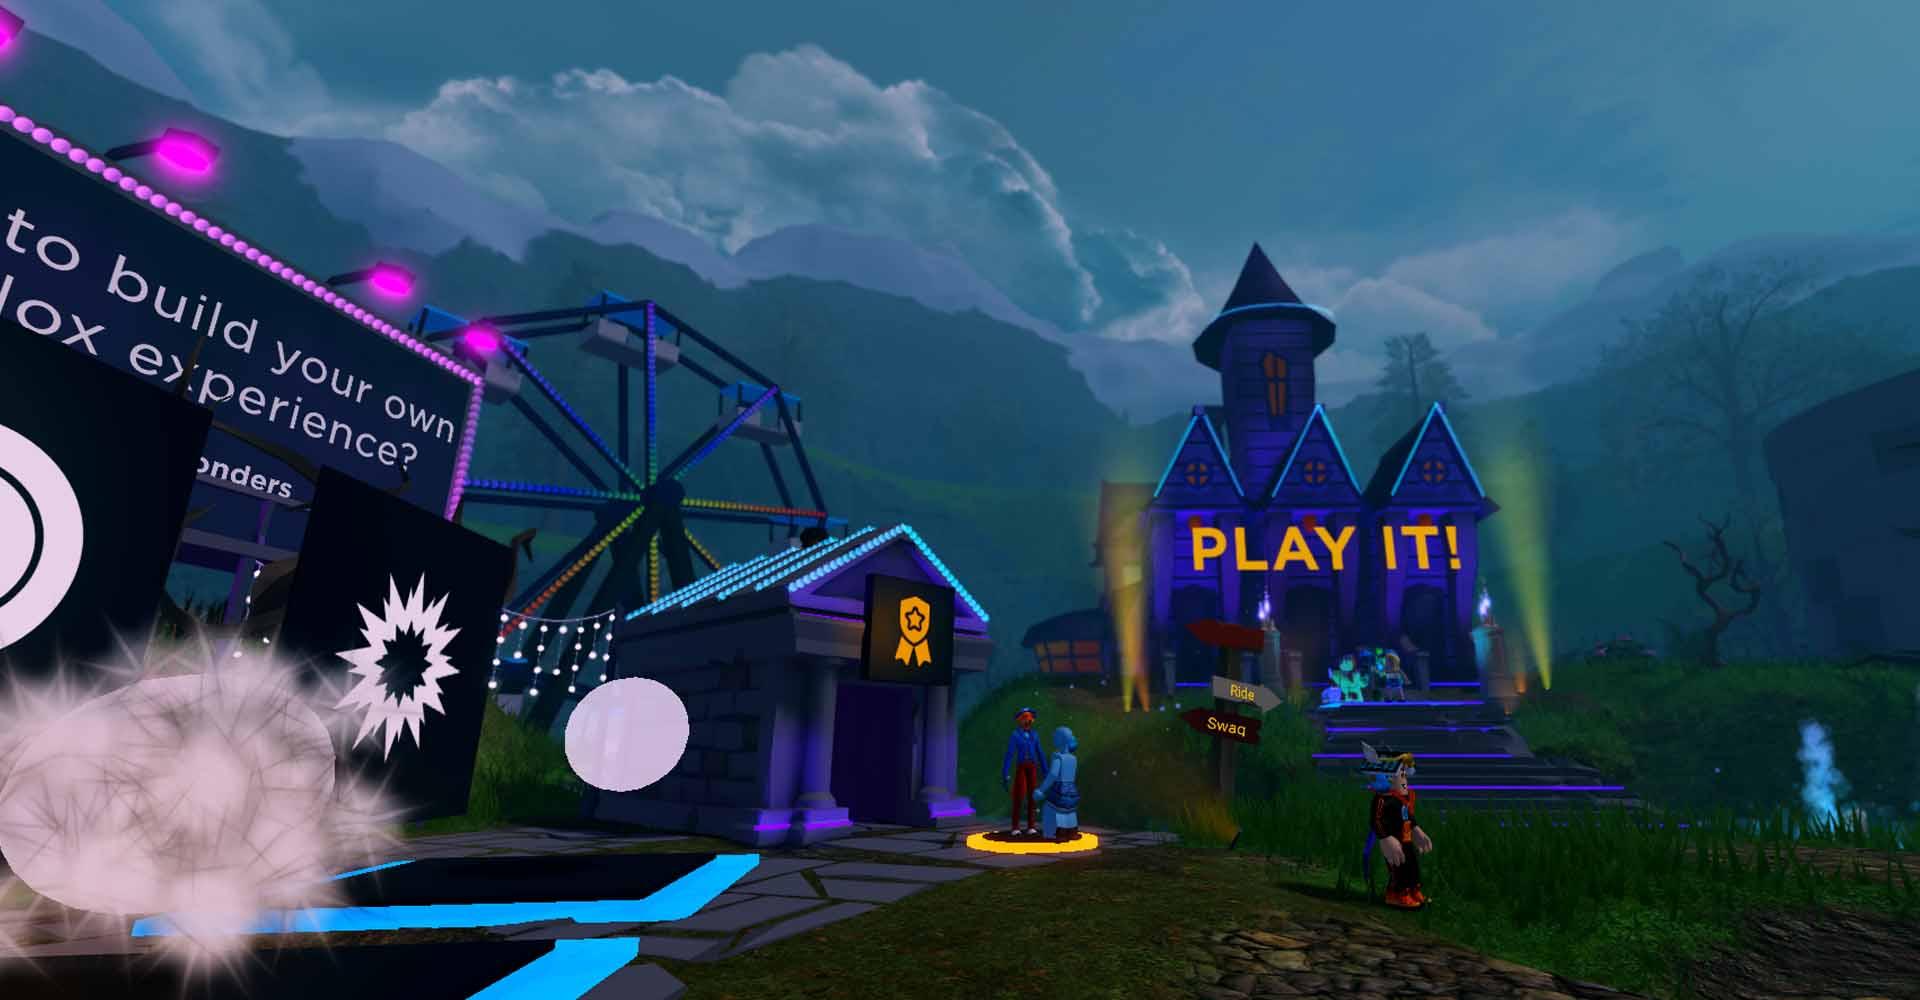 Die Swag-Bude im Spiel Mansion of Wonder von Roblox